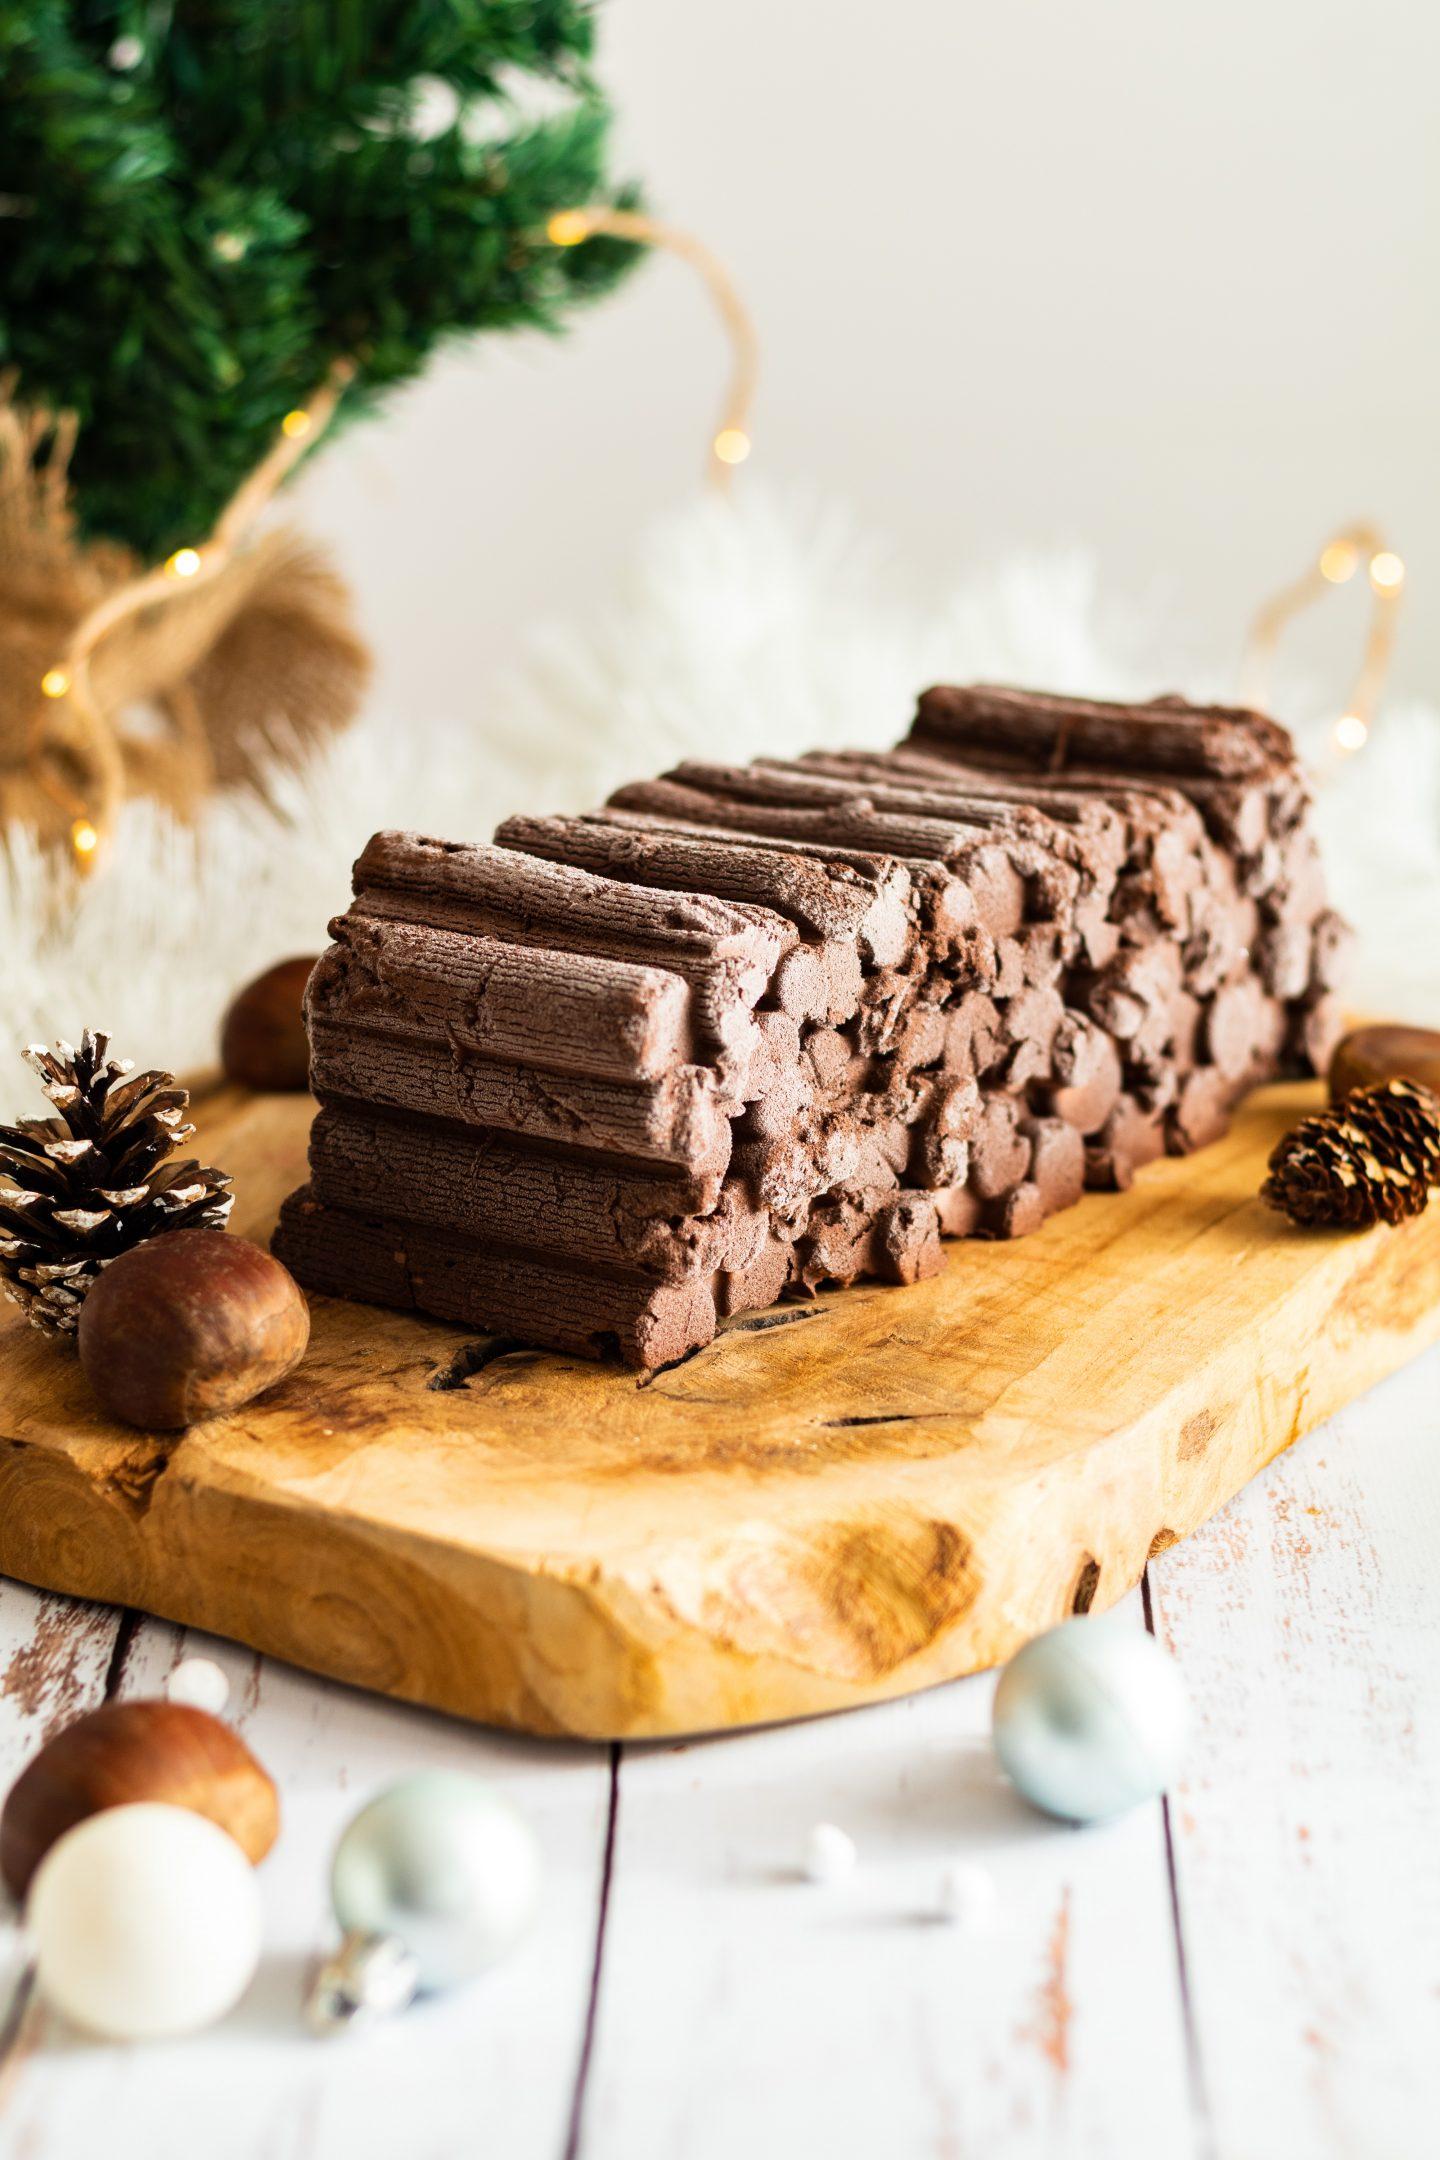 Image de la bûche marrons et chocolat montée